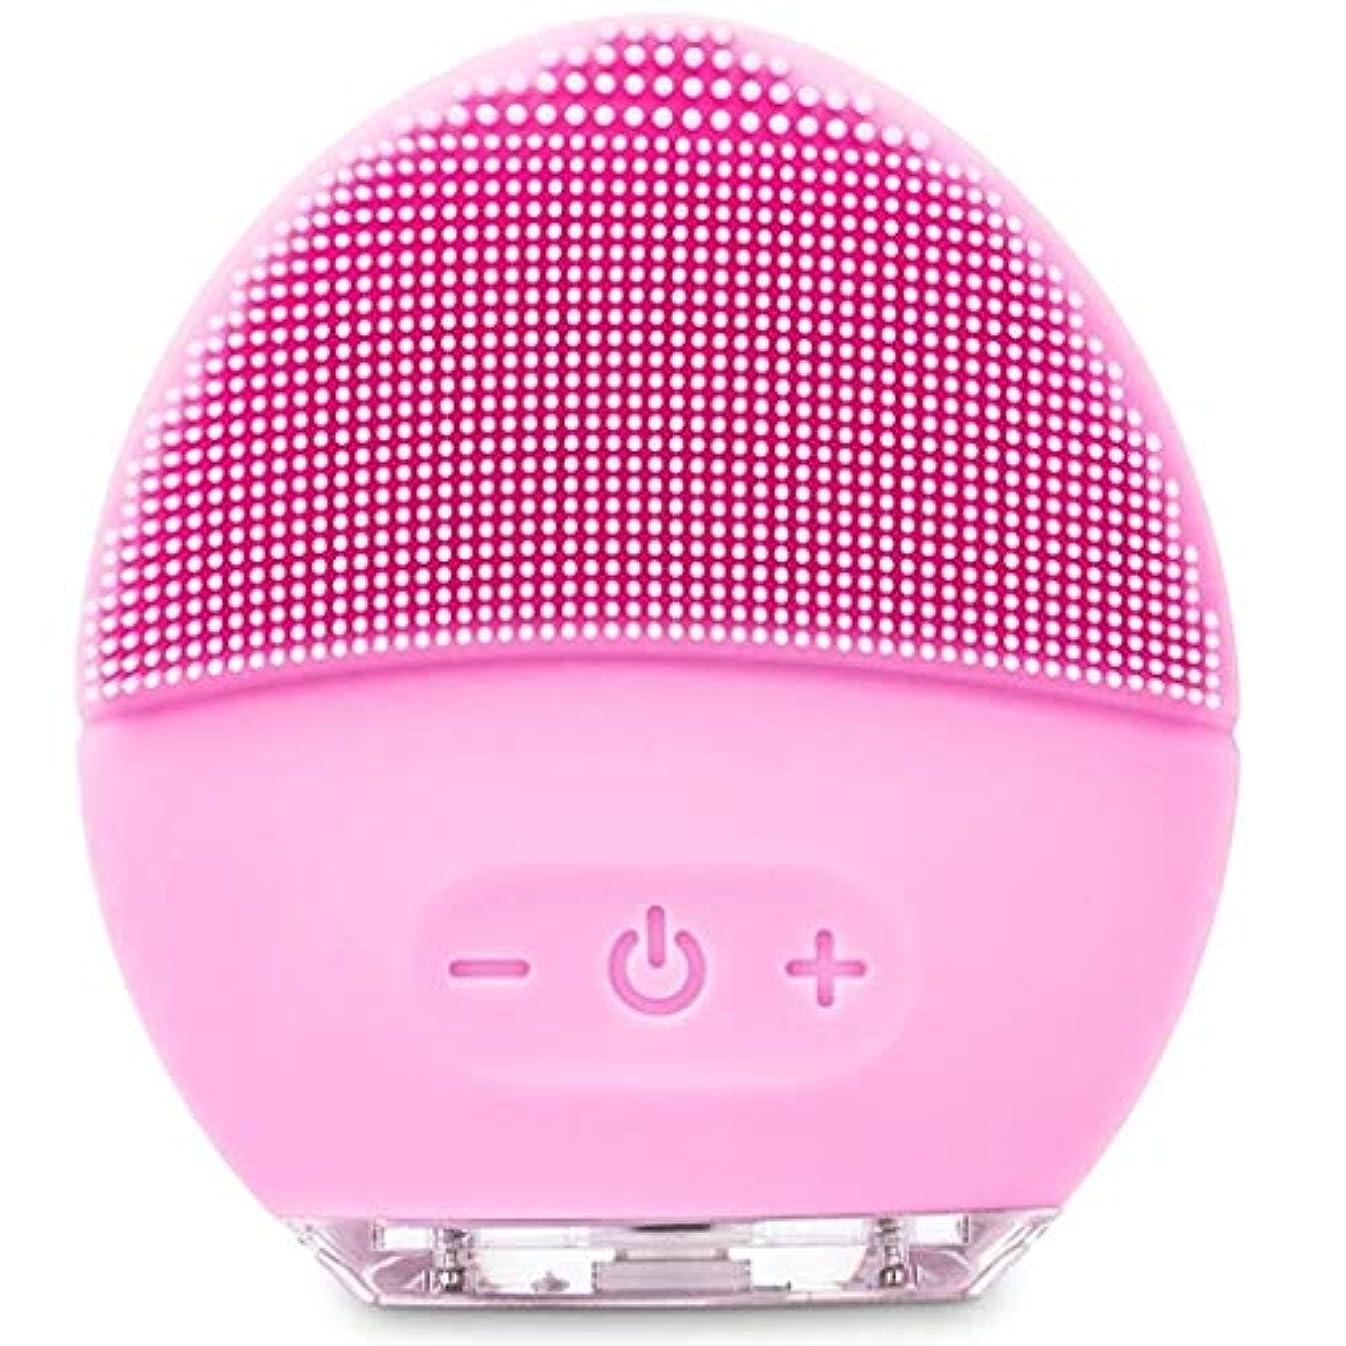 靄ミトンゲストクレンジングブラシ、シリコンクレンザー、すべての肌タイプのディープクレンジングに適した防水電動ディープクレンジングマッサージブラシ、やさしい角質除去、毛穴の改善、メラニンの減少 (Color : ピンク)